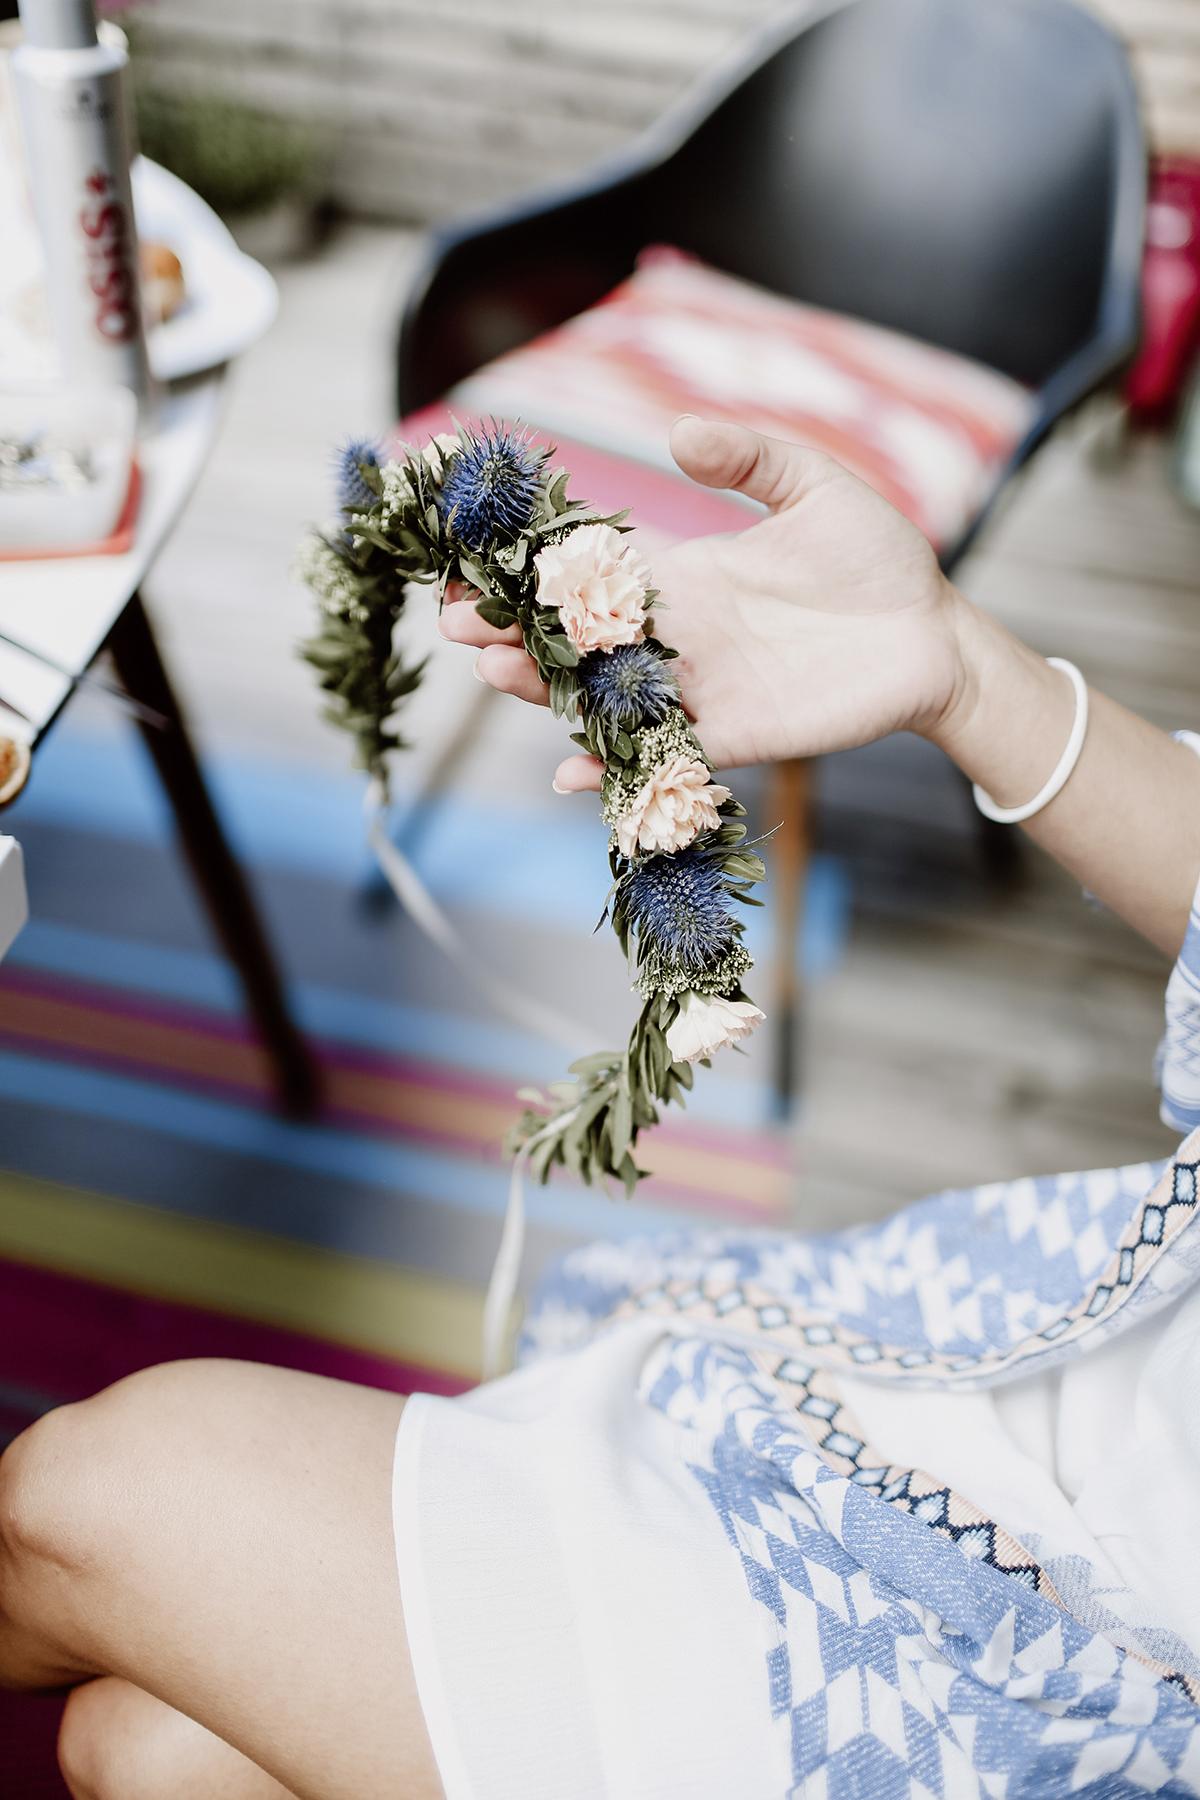 Blumenkranz Hochzeit blau rosa mit Disteln